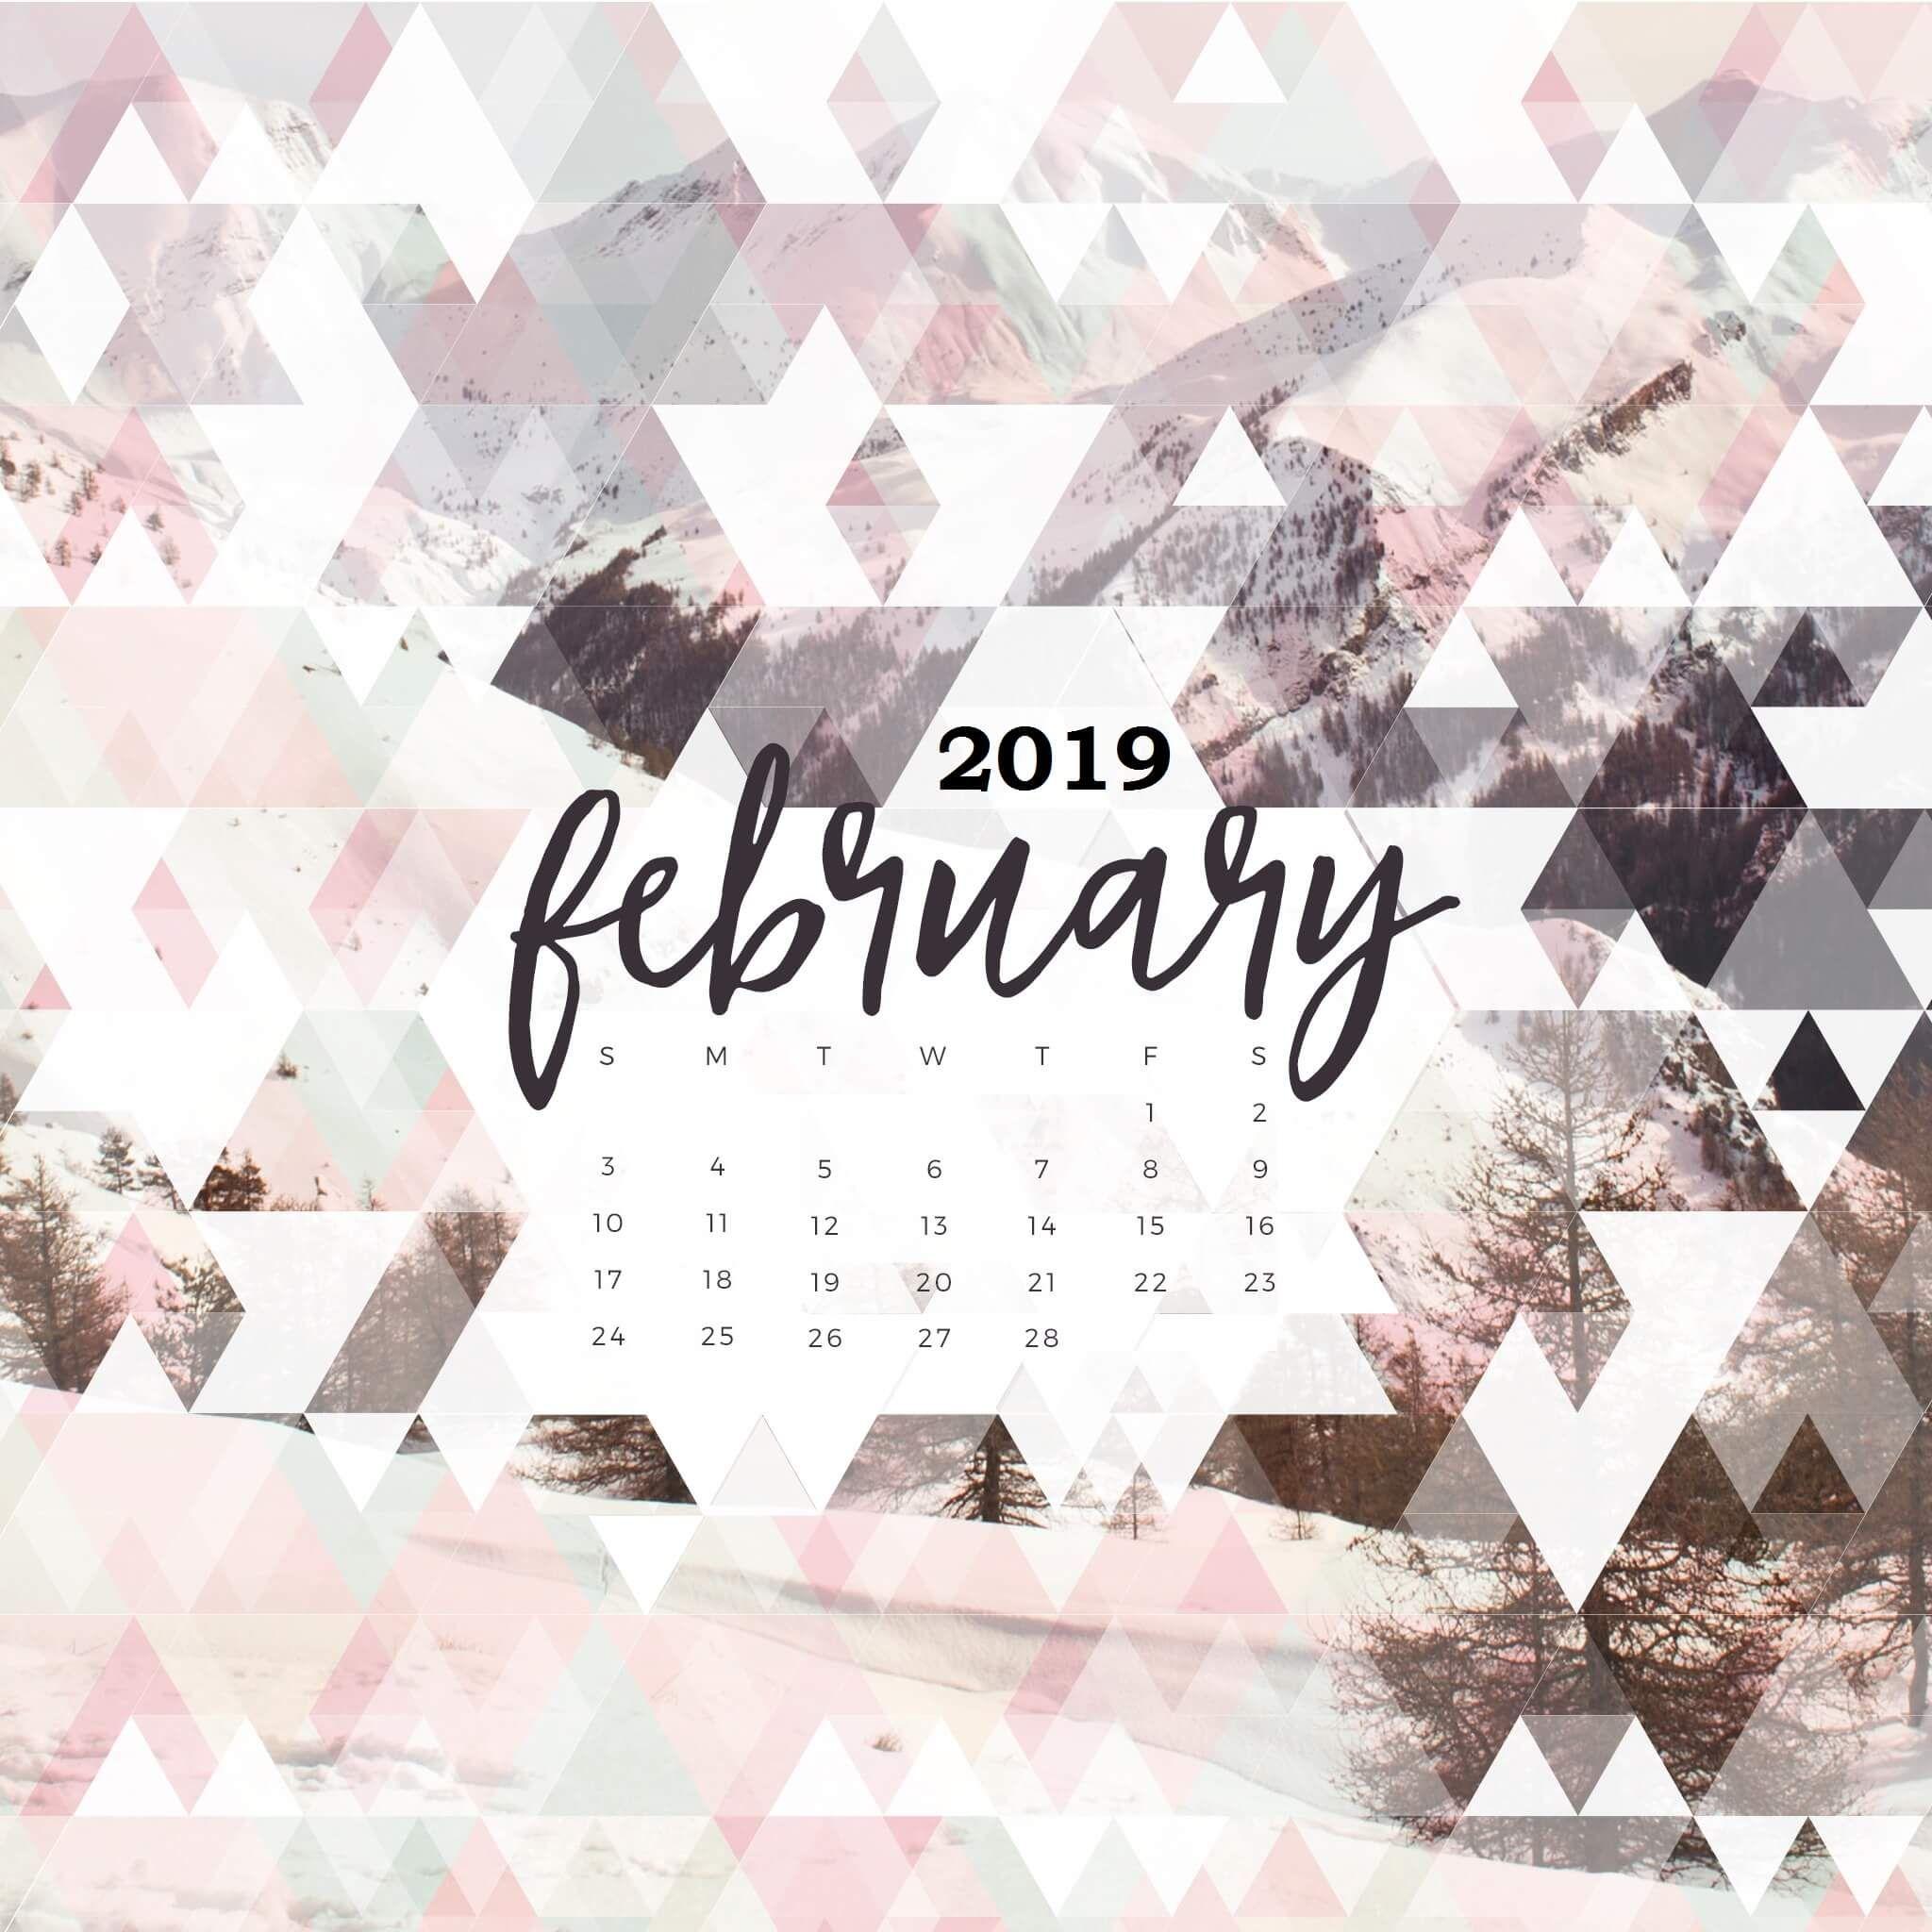 February 2019 Calendar Wallpapers Desktop wallpaper